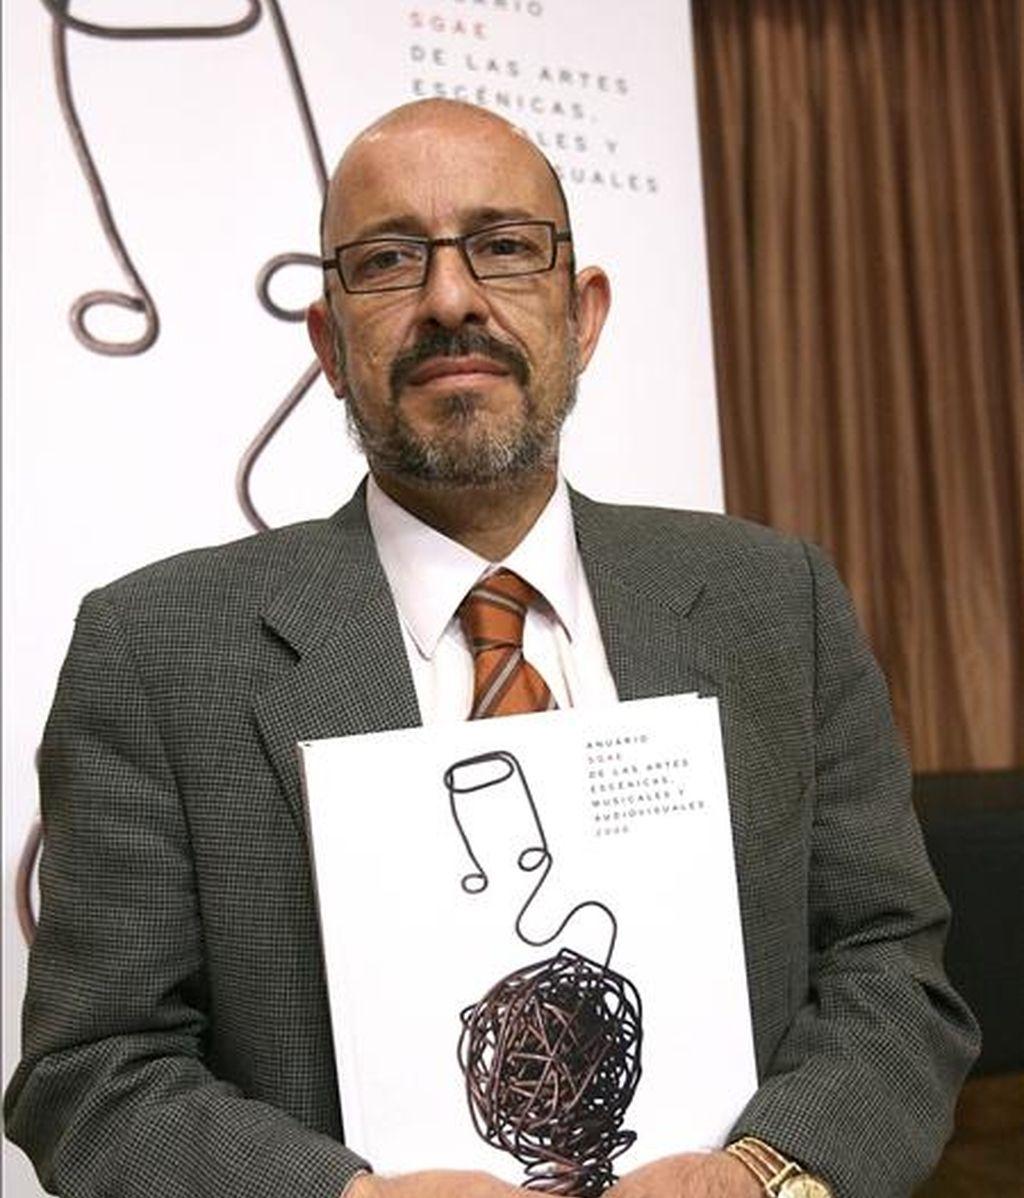 El secretario General de la Fundación Autor, Francisco Galindo. EFE/Archivo